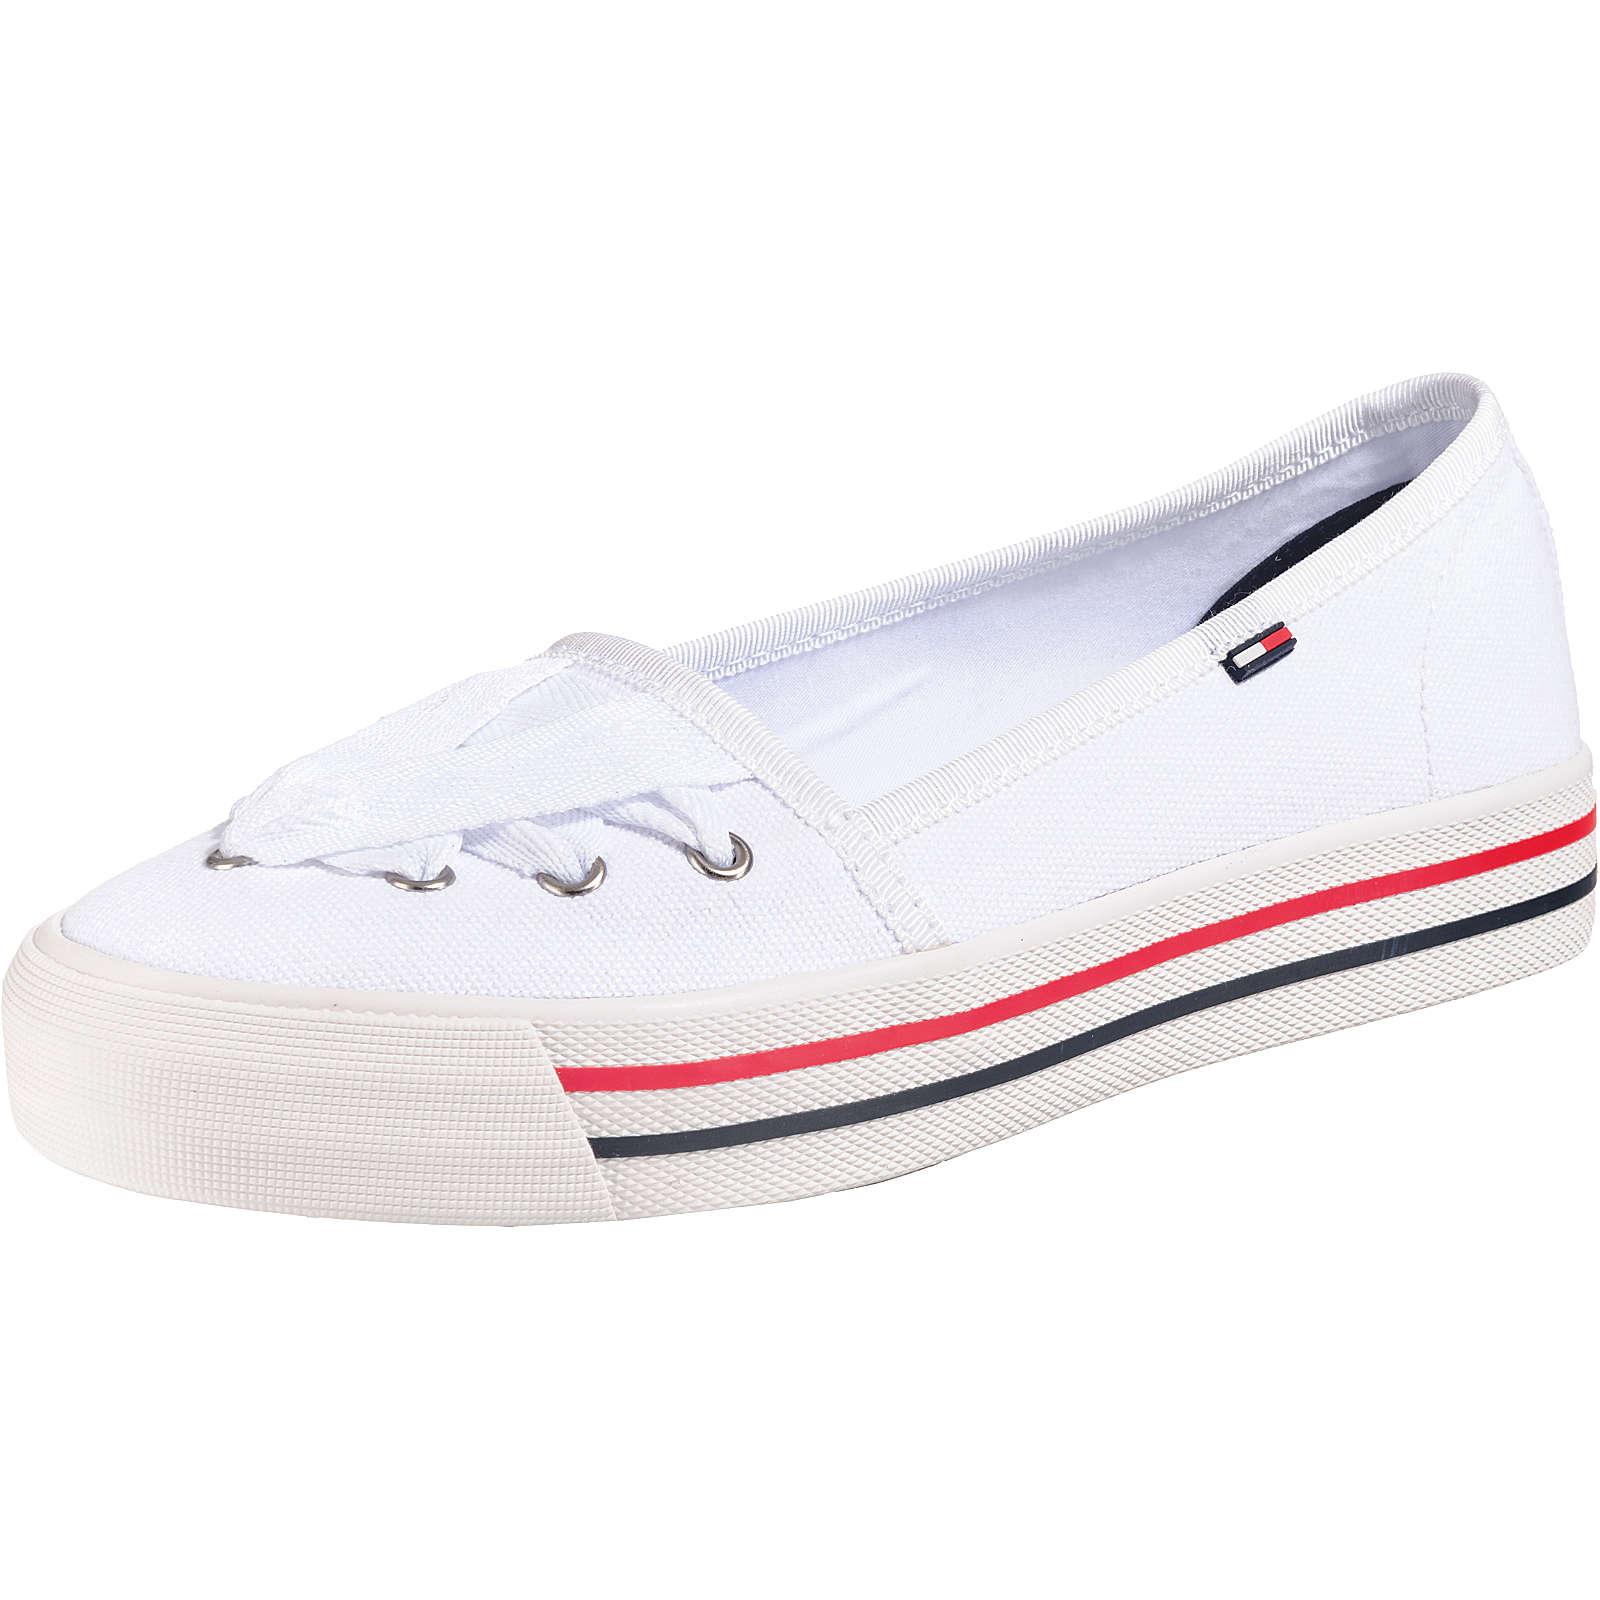 TOMMY JEANS Lace Sneaker Sportliche Ballerinas weiß Damen Gr. 39